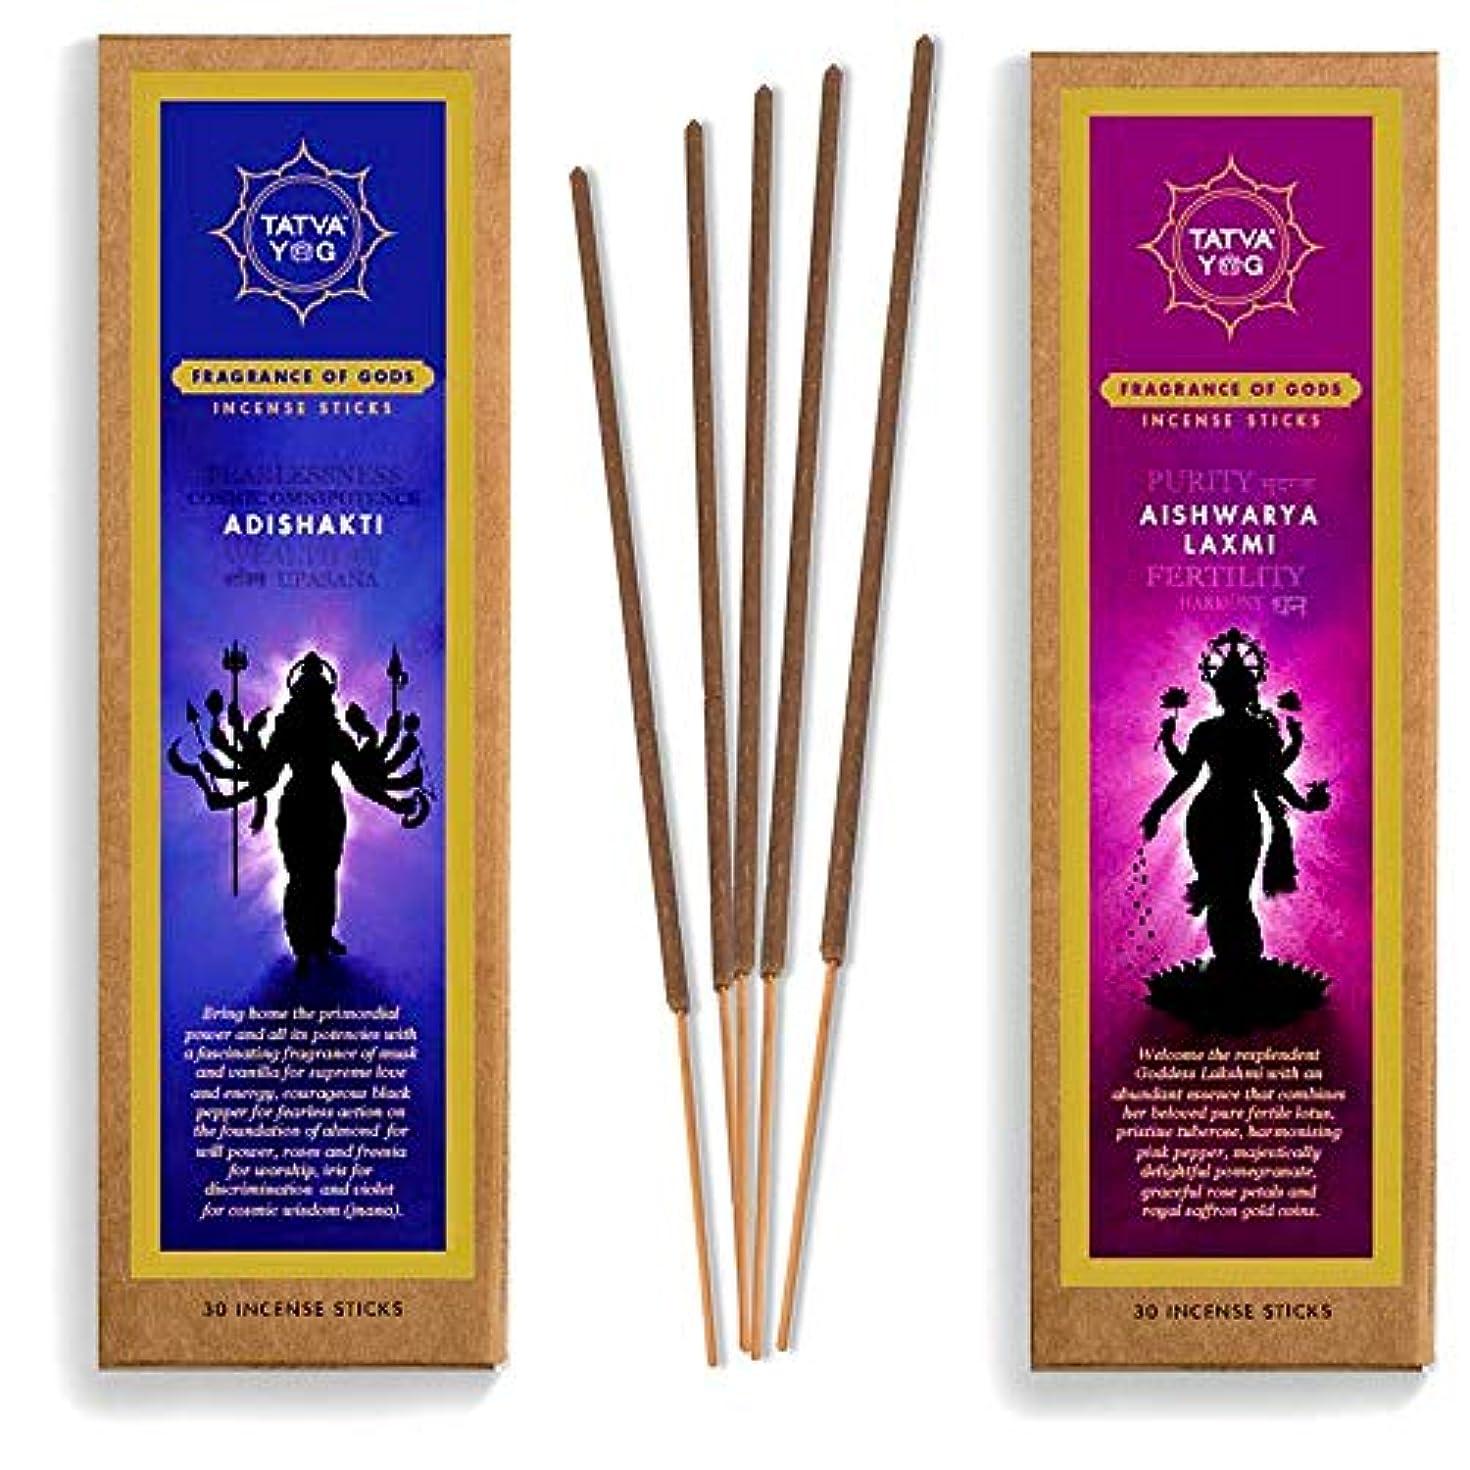 突き刺す遅い十Tatva YOG Adishakti and Aishwarya Lakshmi Handcrafted Natural Masala Incense Sticks for Daily Pooja|Festive|Office...